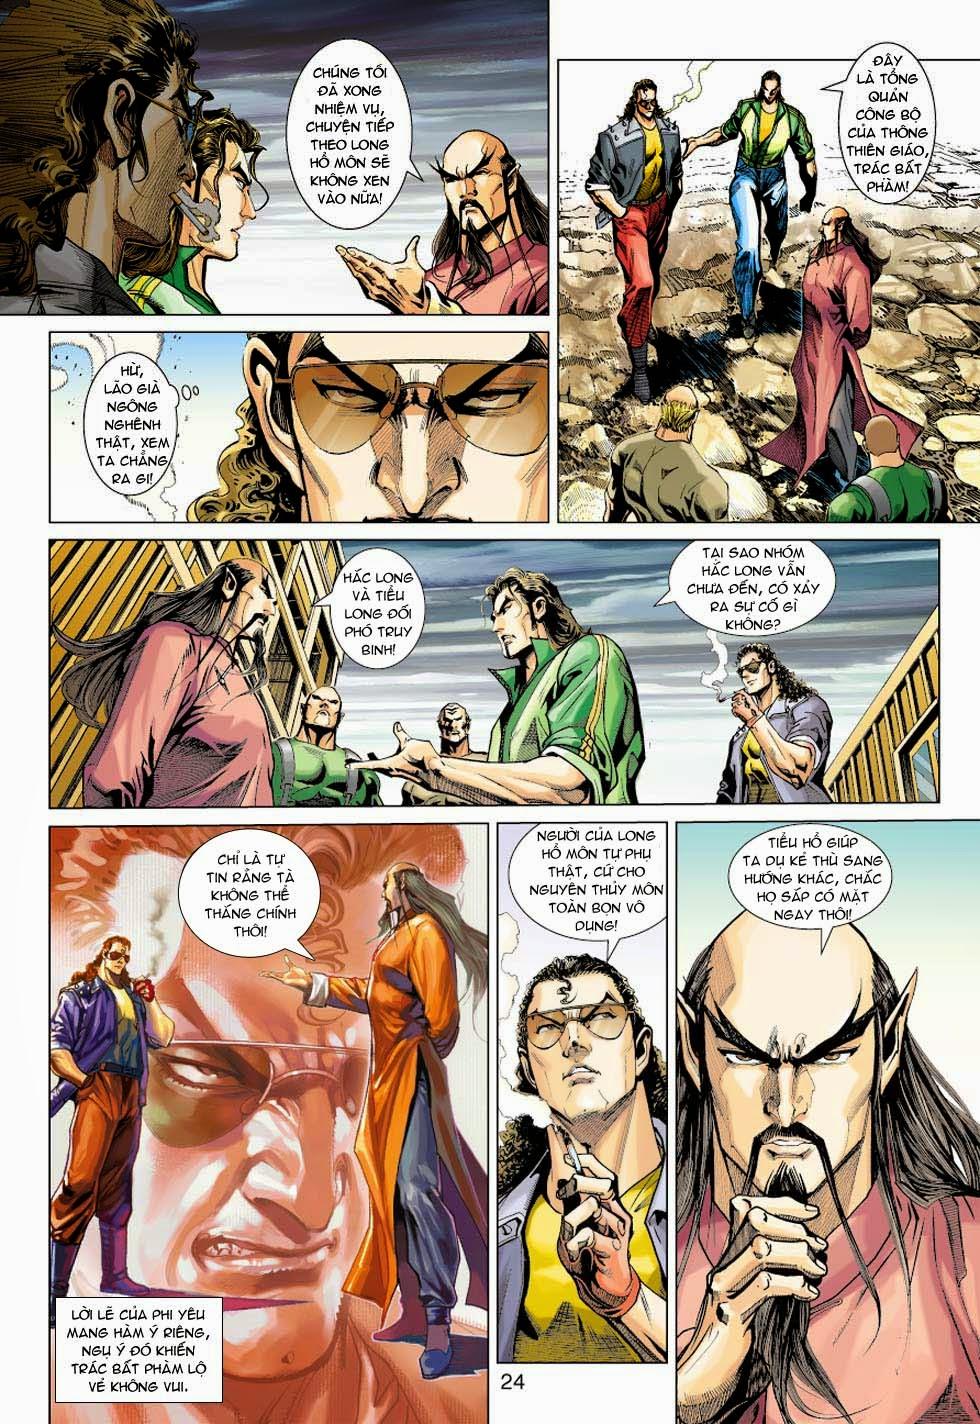 Tân Tác Long Hổ Môn chap 354 - Trang 24